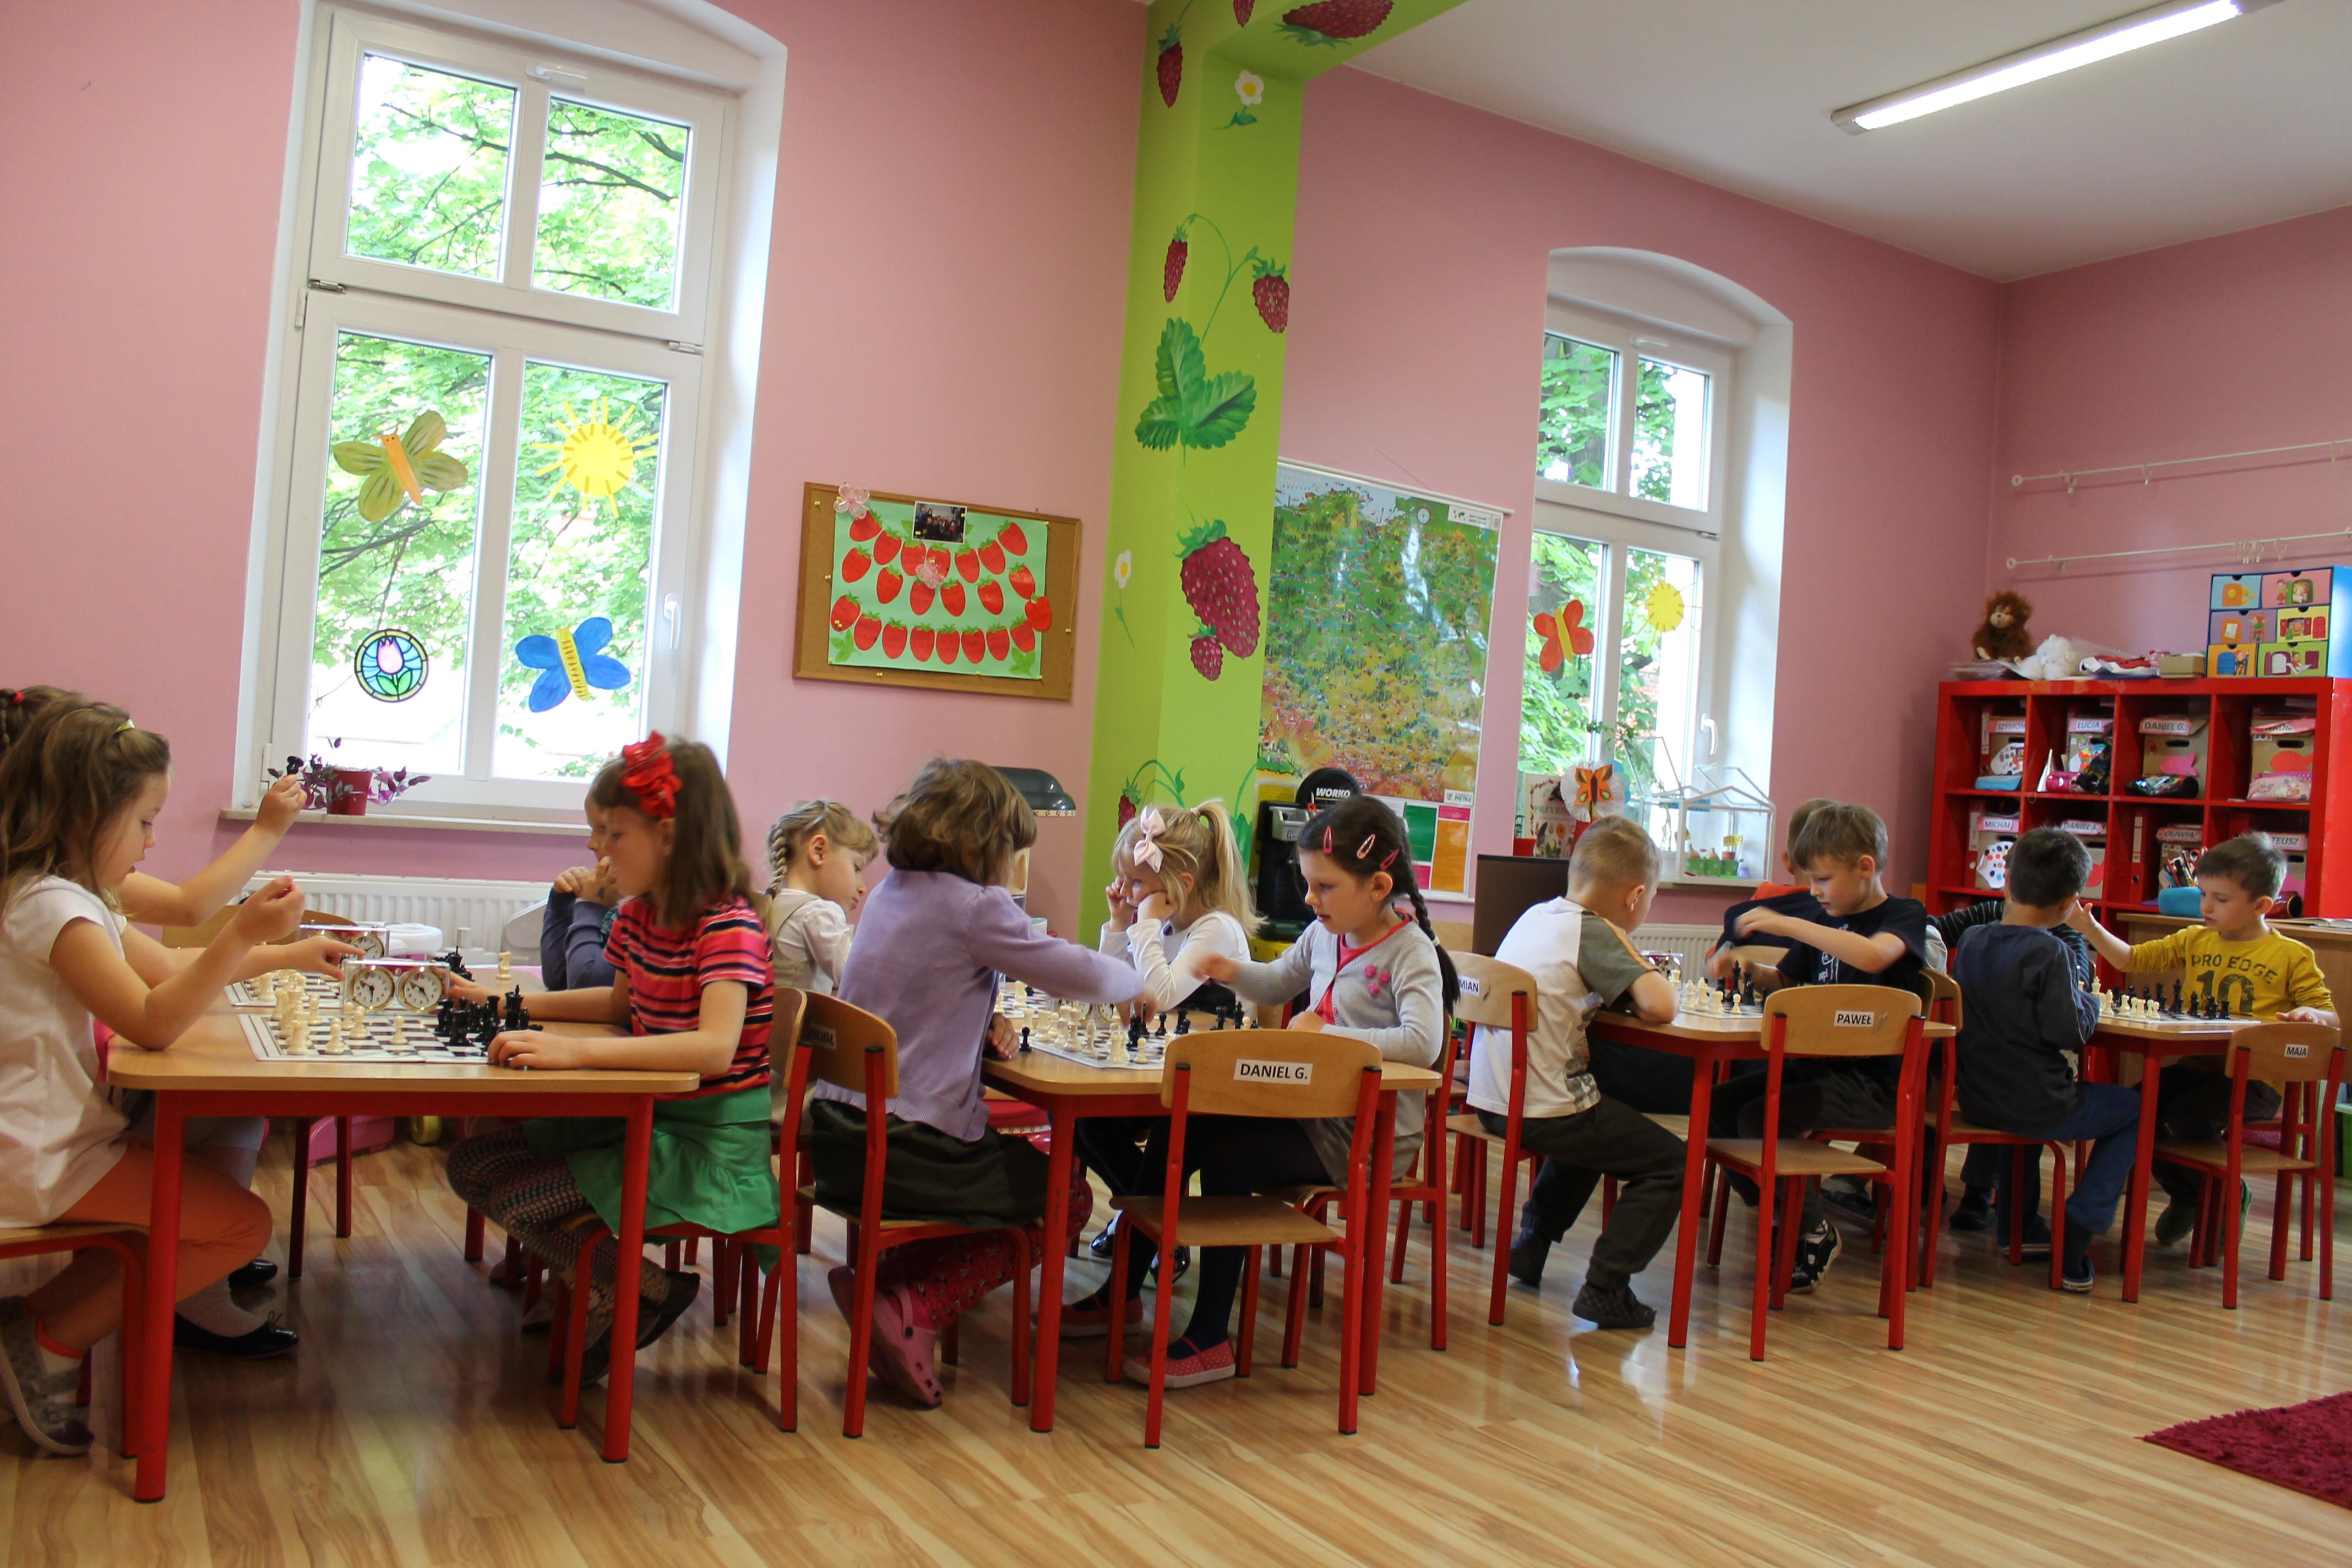 IV Turniej Szachowy o Mistrzostwo Przedszkola Europejska Akademia Dziecka, Świdnica, 23.06.2014